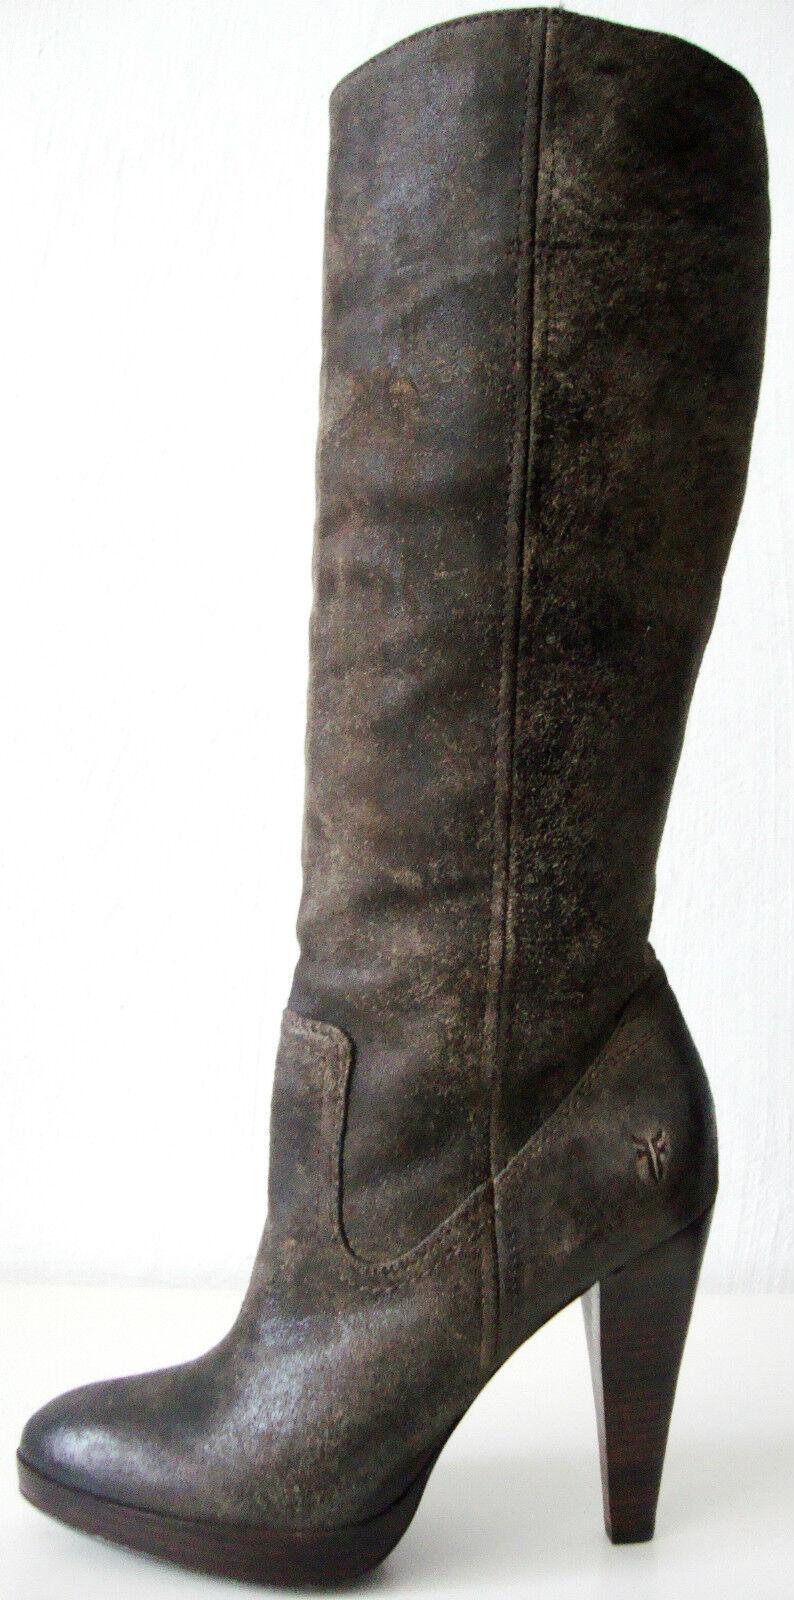 FRYE HARLOW CAMPUS Stiefel Damen Damen Damen Leder High Heel Luxus Stiefel Braun Gr.37  7M NEU  4d13fc